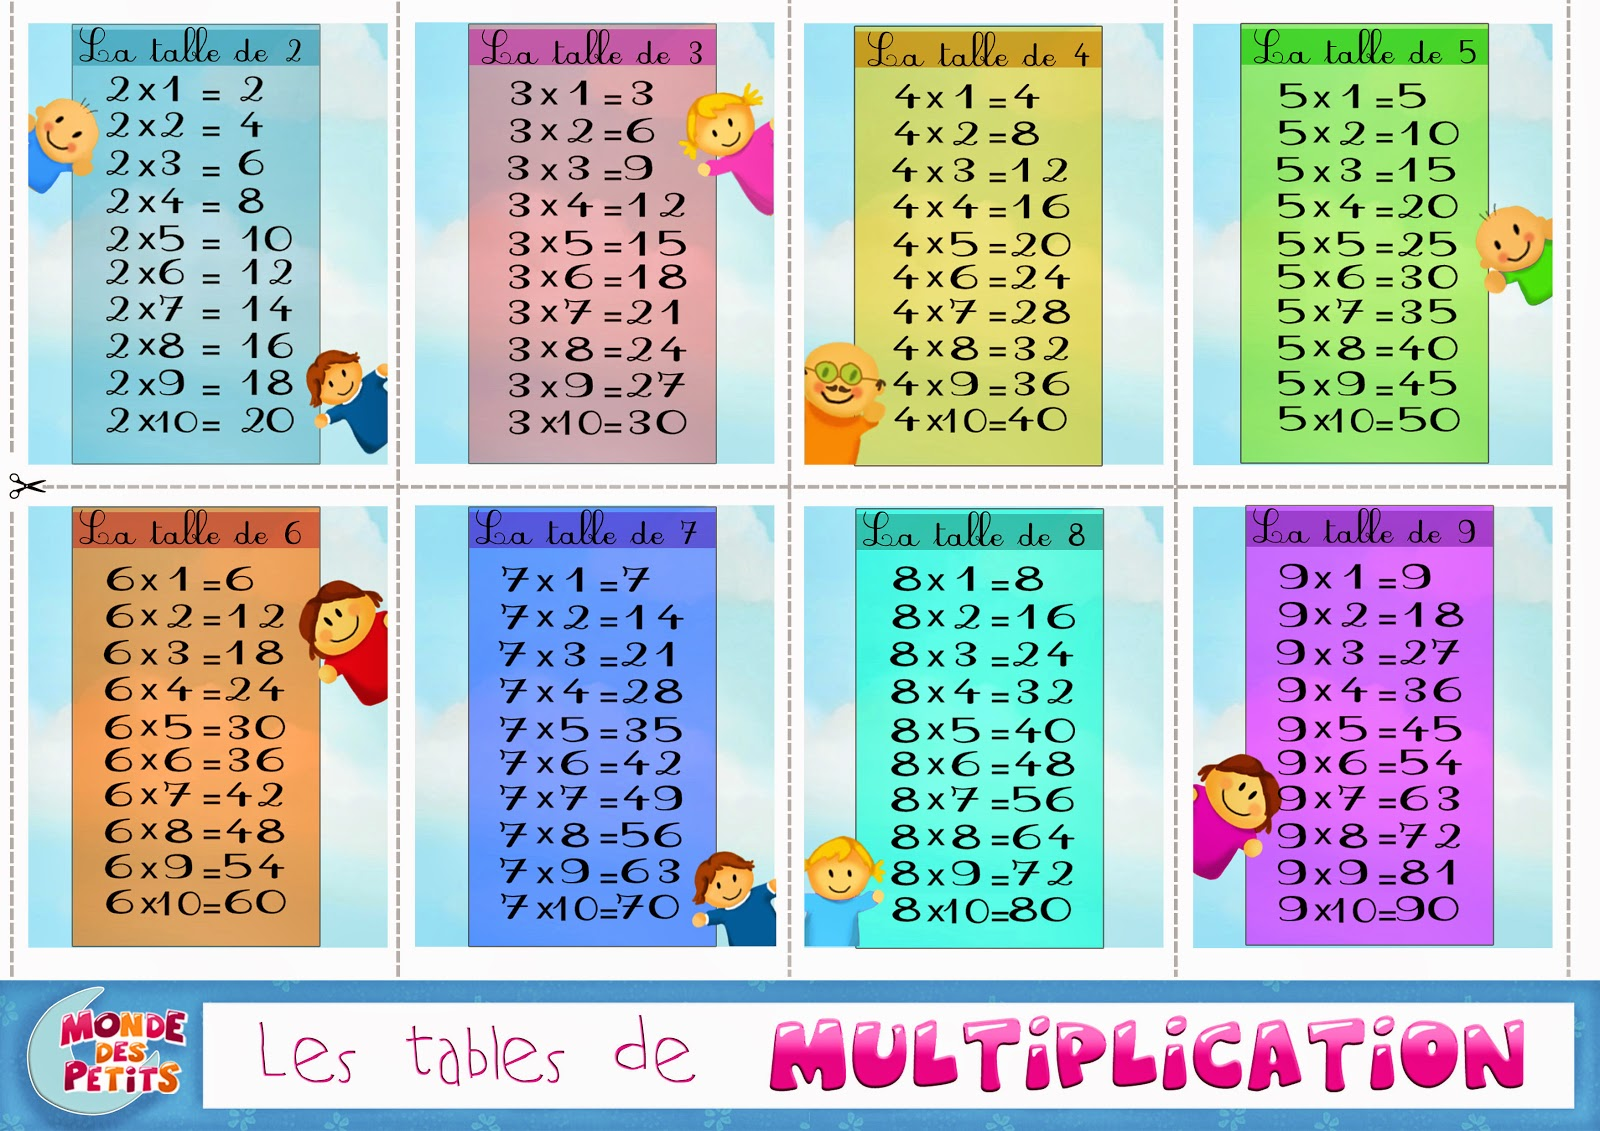 Le dimanche indo europ en talk talk talk qui c 39 est c - Apprendre c est table de multiplication ...